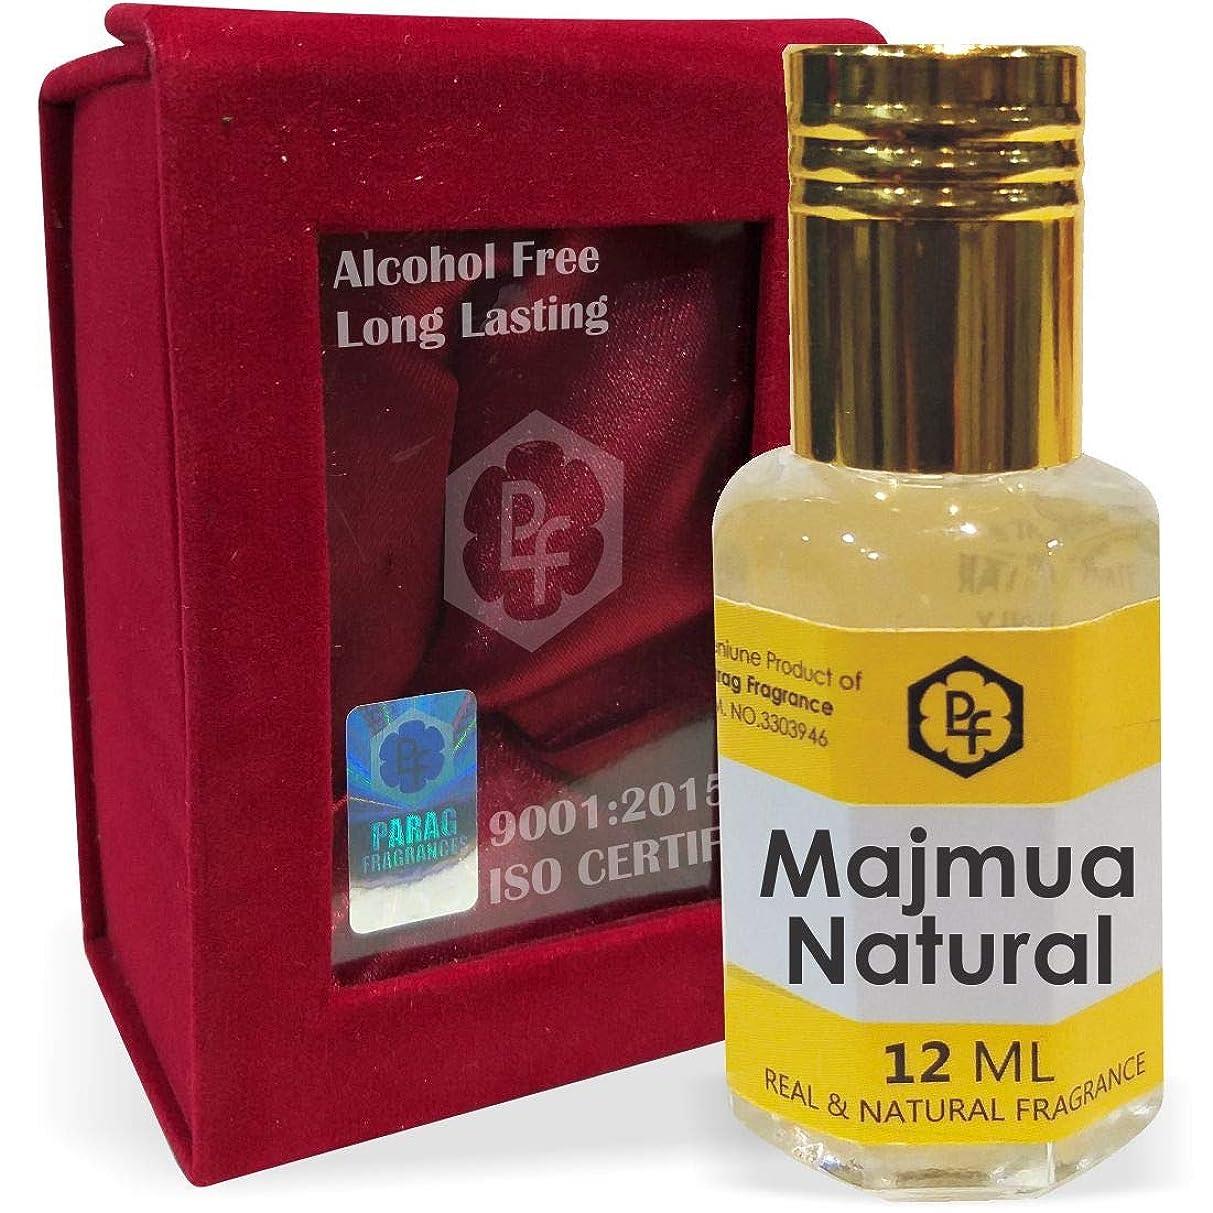 ルーチントーン愛人手作りのベルベットボックスParagフレグランスMajmuaナチュラル12ミリリットルアター/香油/(インドの伝統的なBhapka処理方法により、インド製)フレグランスオイル|アターITRA最高の品質長持ち